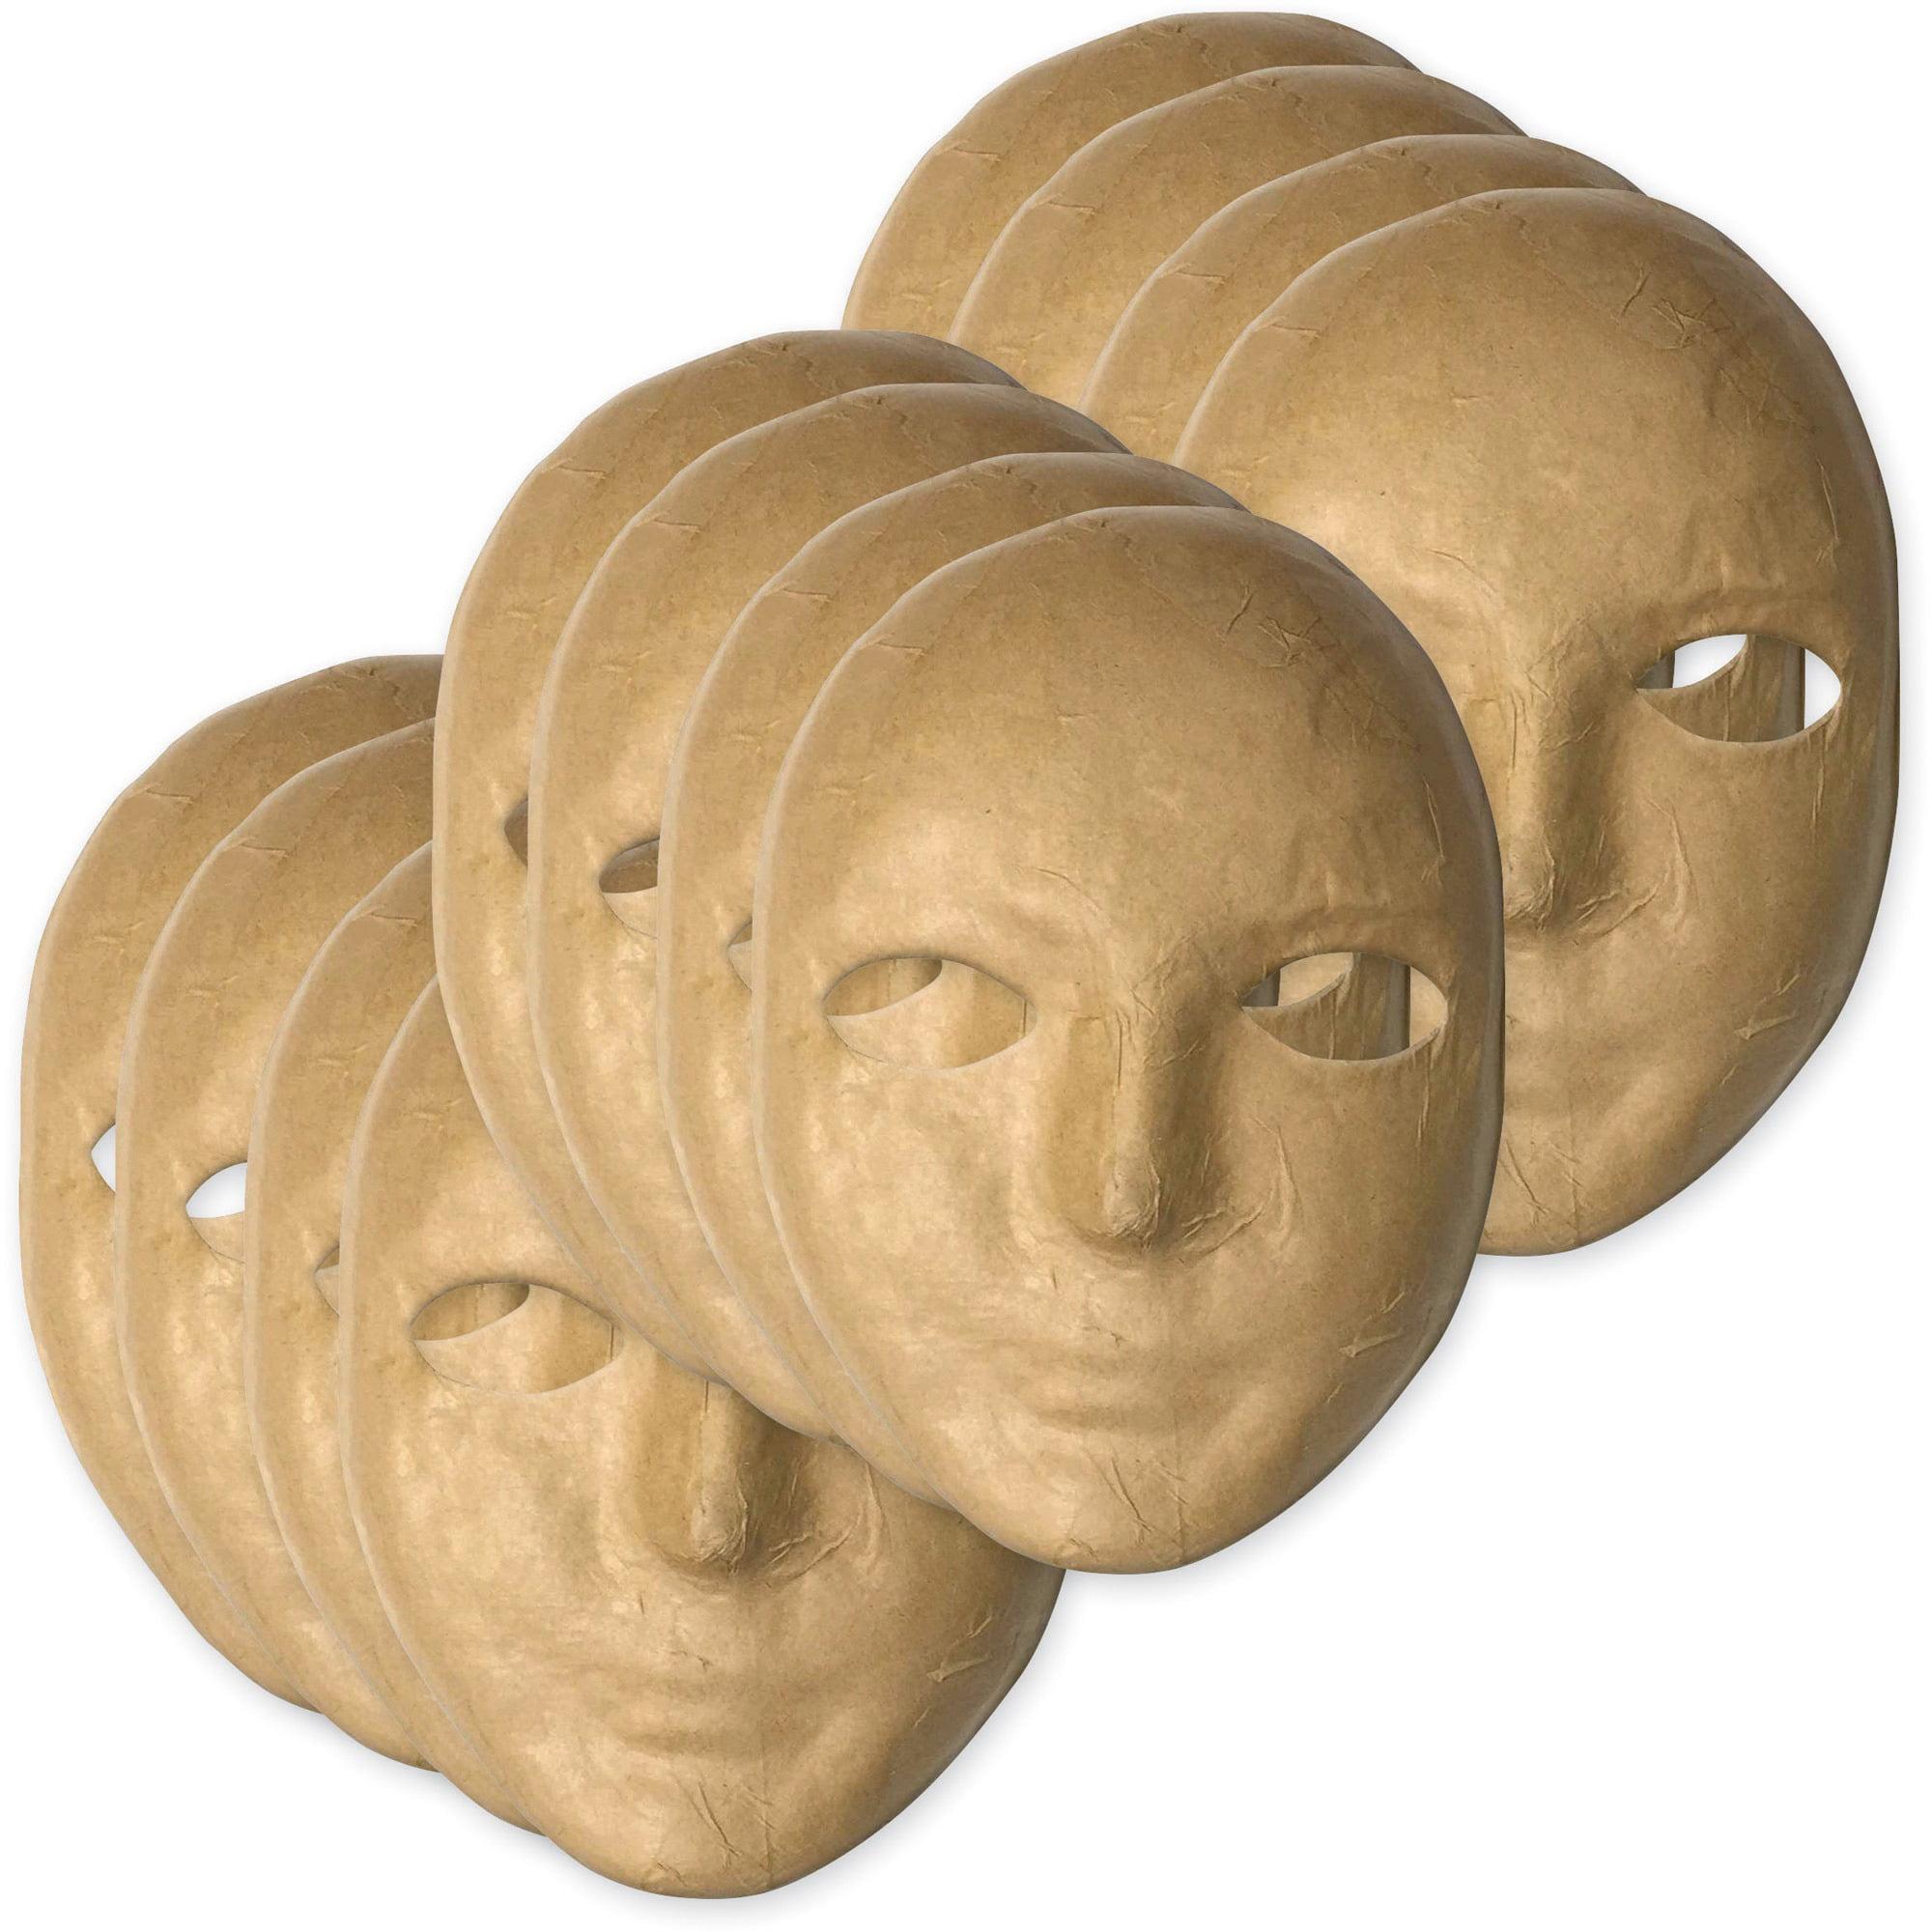 Creativity Street, CKC419012, Paper Mache Masks, 12 / Set, Natural